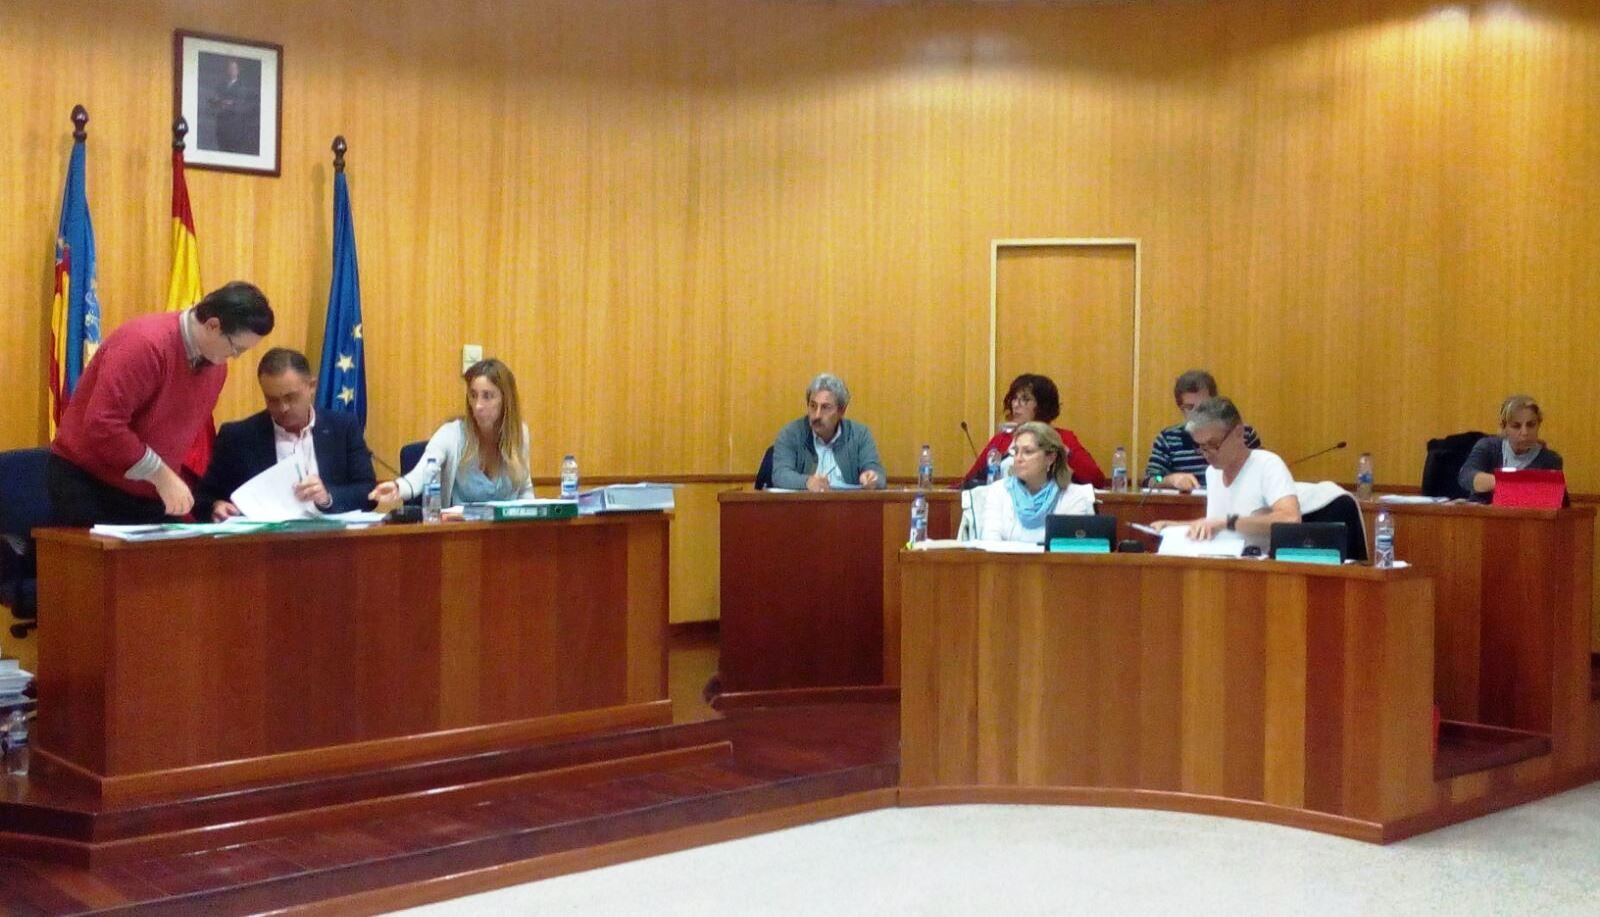 Un momento del pleno celebrado en el Ayuntamiento de San Antonio de Benagérber.